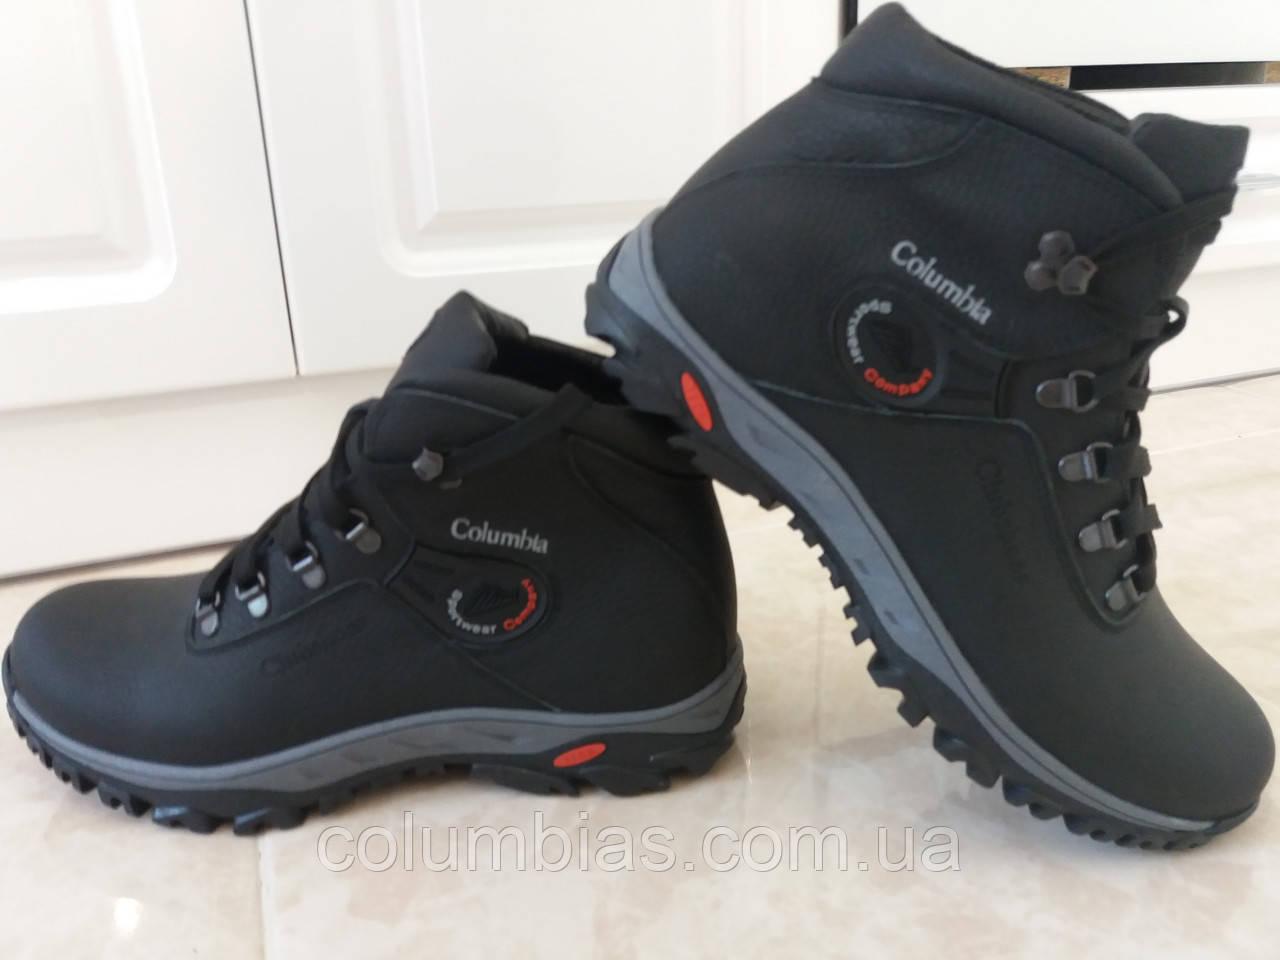 a9bd7289 Зимние ботинки Collumbia недорого - Весь ассортимент в наличии, звоните в  любое время т.